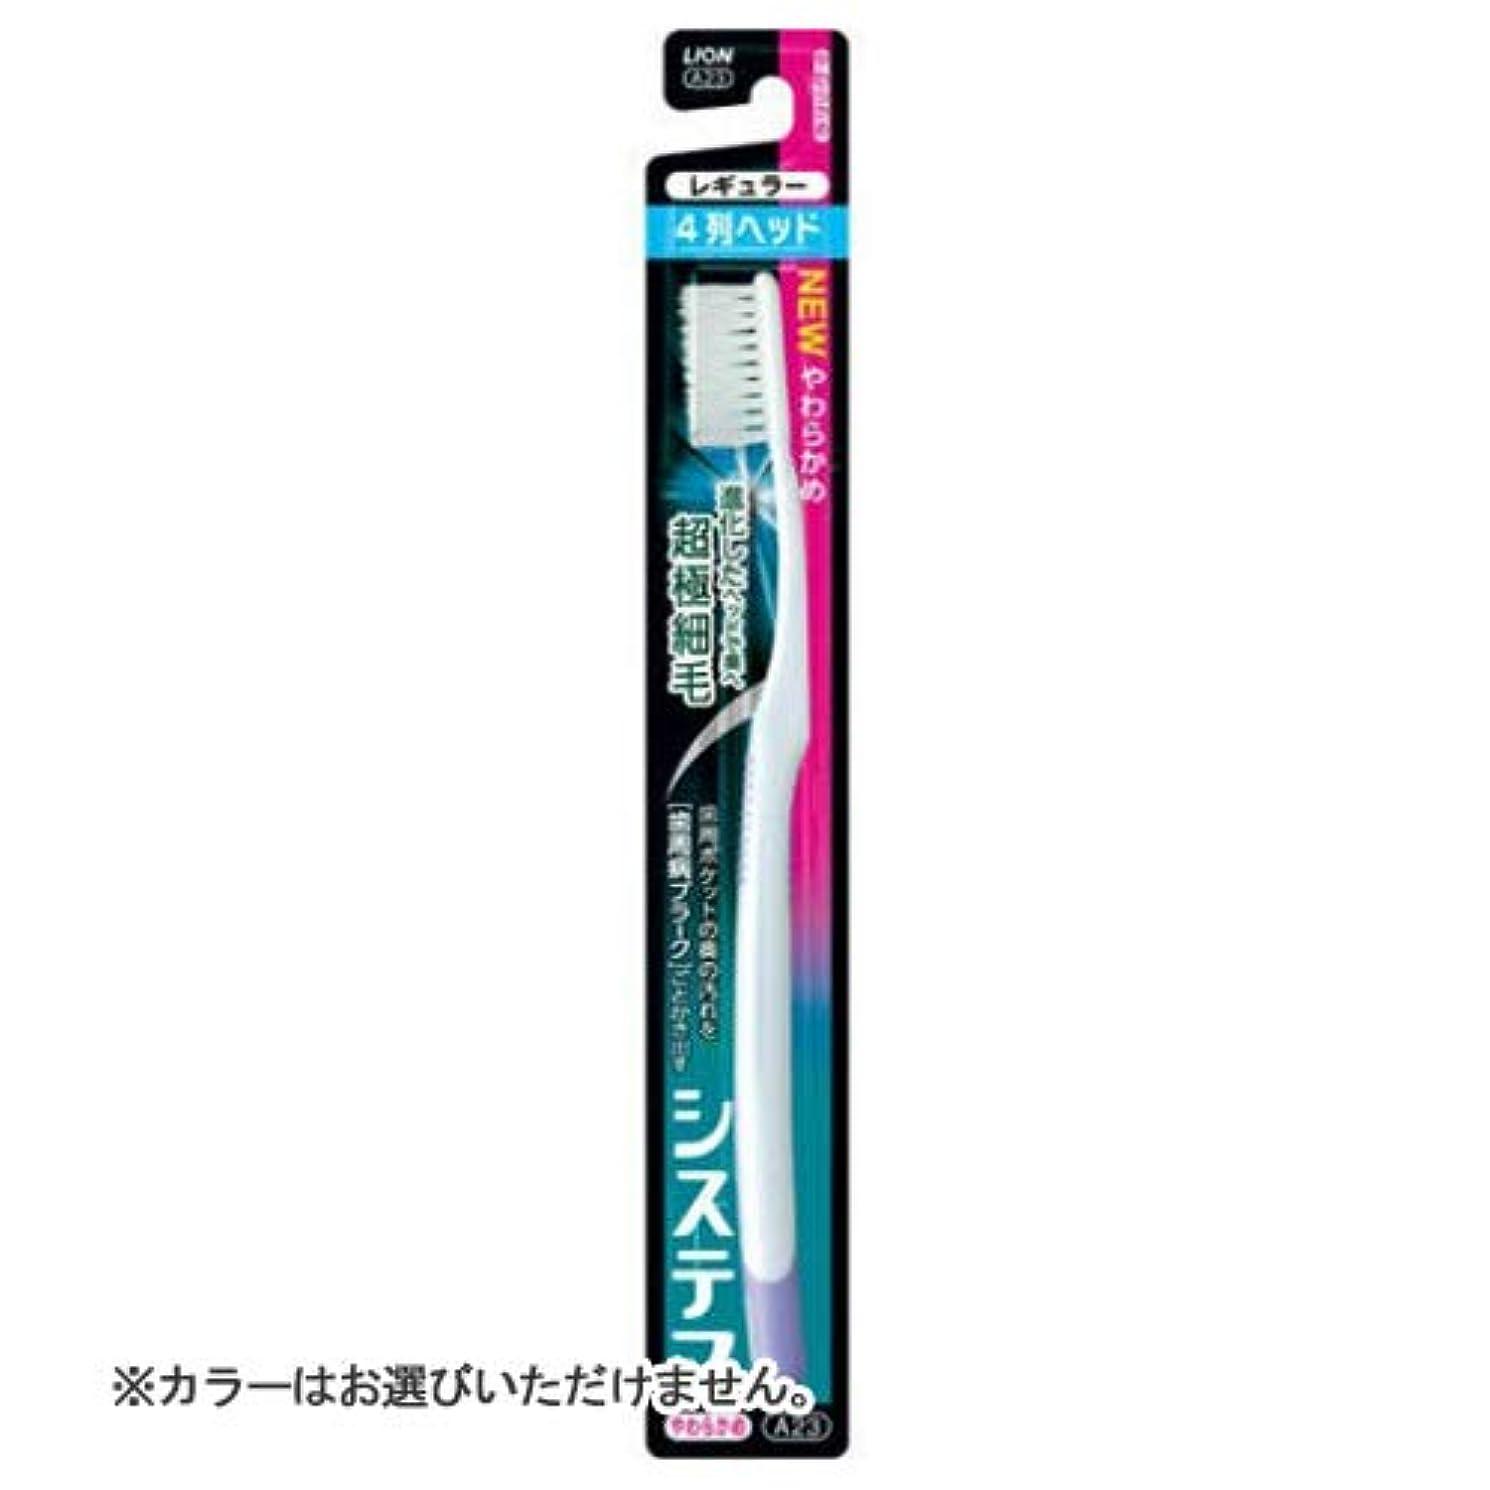 スポークスマン一緒に性別ライオン システマ ハブラシ レギュラー4列 やわらかめ (1本) 大人用 歯ブラシ